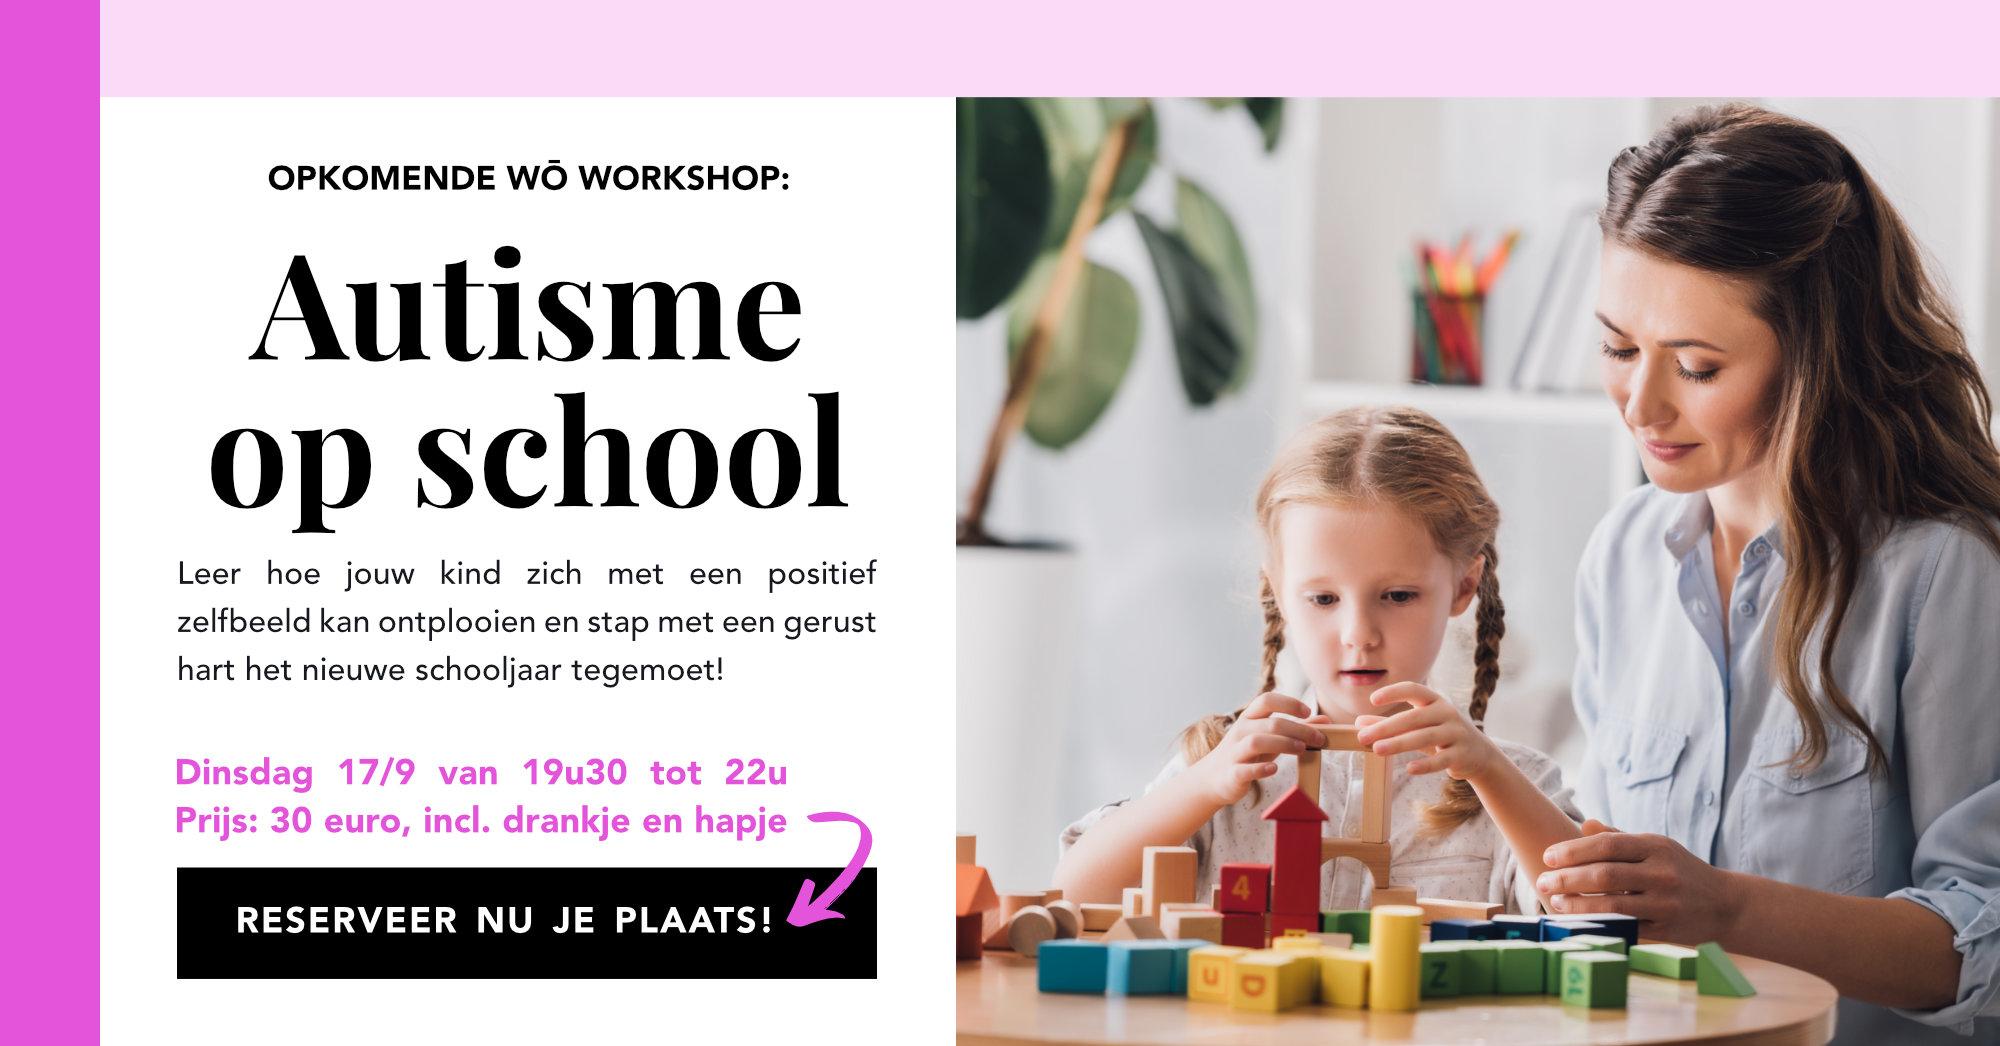 Wo-workshop-autisme-op-school.jpg